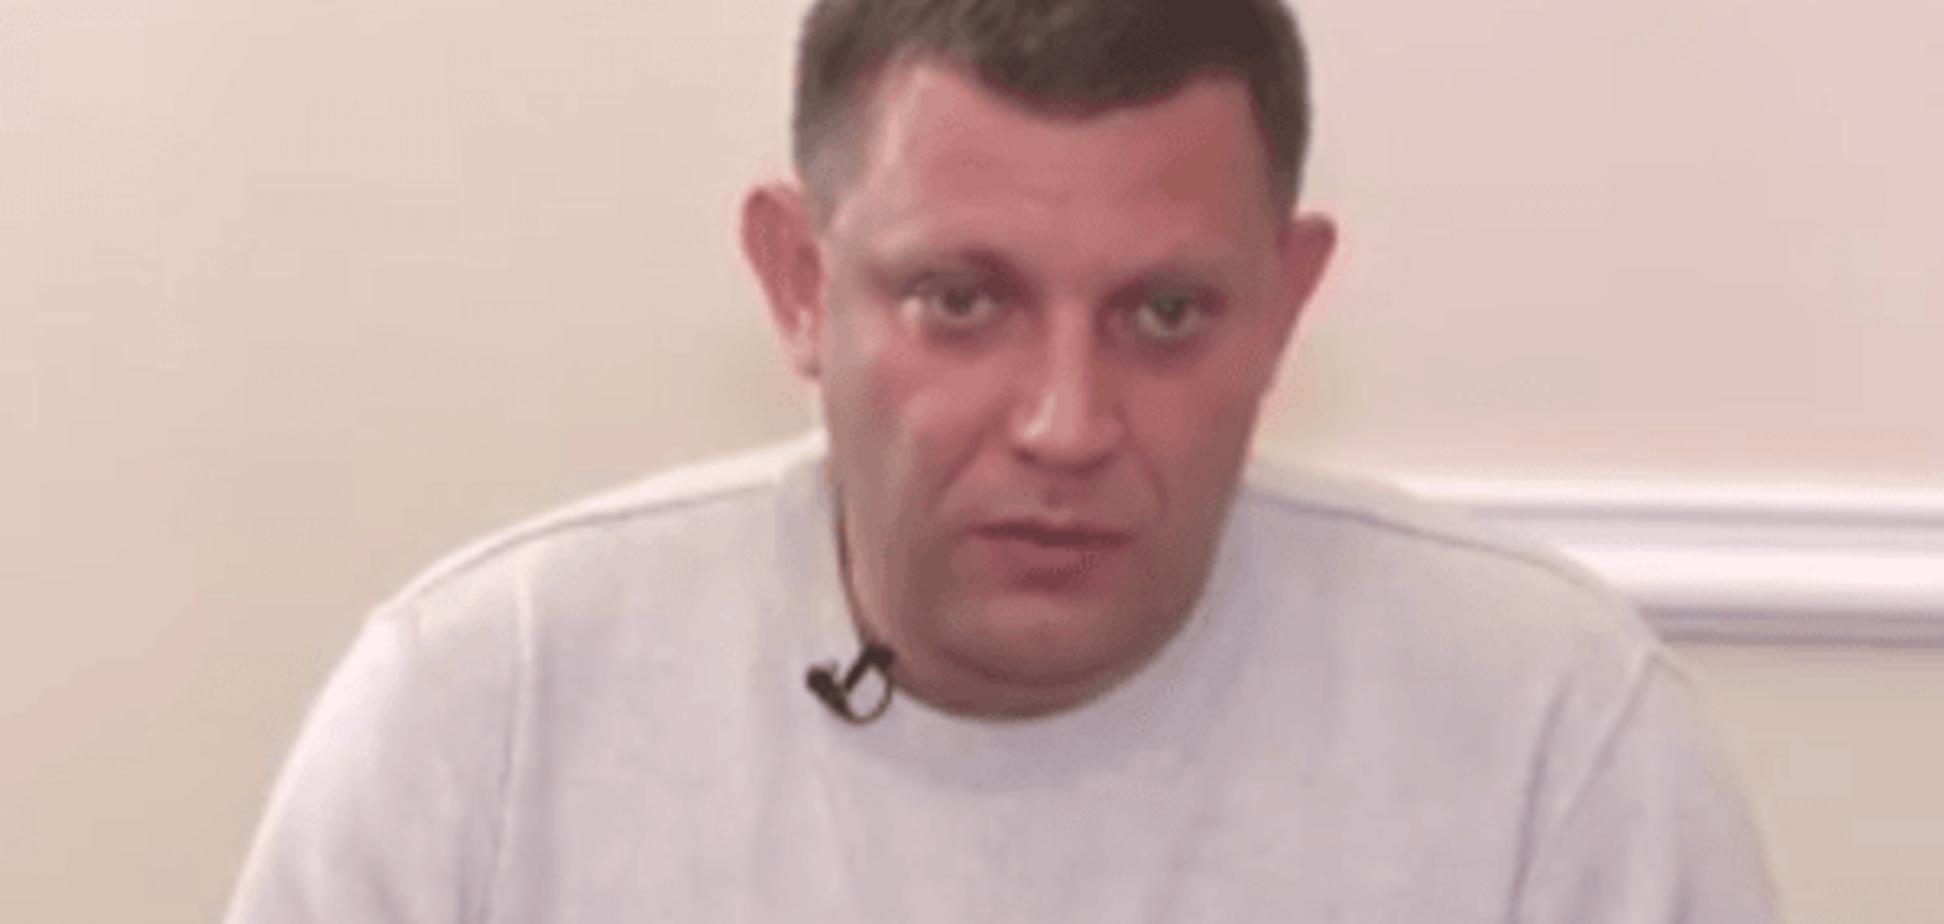 Сурков, спасибі! Захарченко відкрито подякував 'правій руці' Путіна за допомогу терористам 'ДНР': вдеофакт